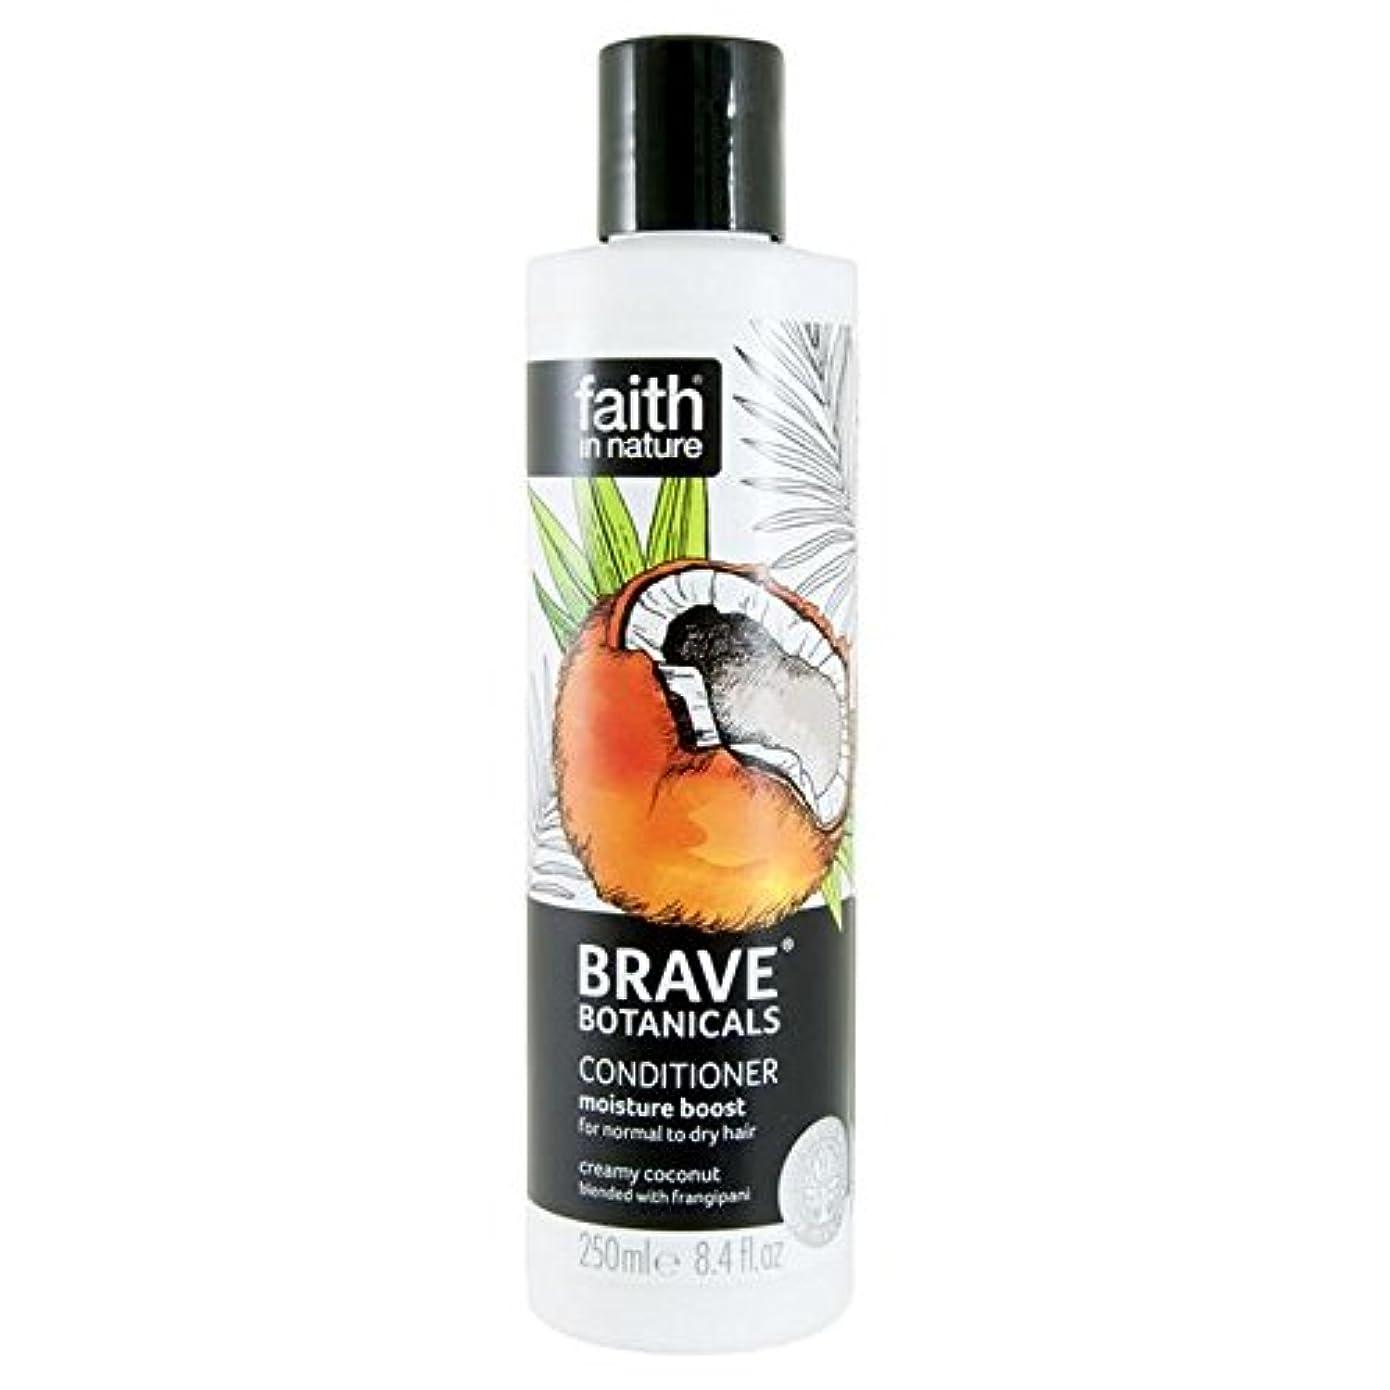 シットコムグリット子供っぽいBrave Botanicals Coconut & Frangipani Moisture Boost Conditioner 250ml (Pack of 4) - (Faith In Nature) 勇敢な植物ココナッツ...